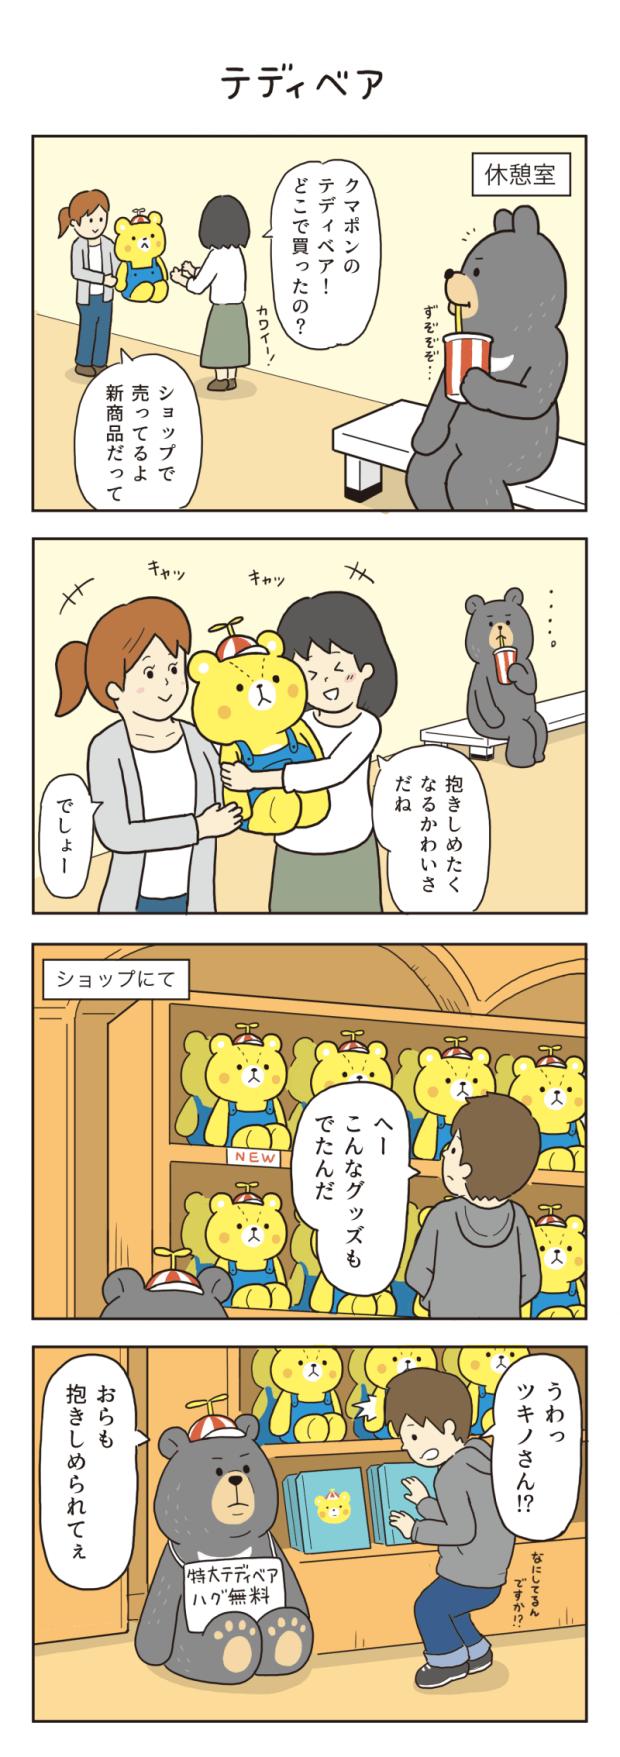 Bear_teddybear4